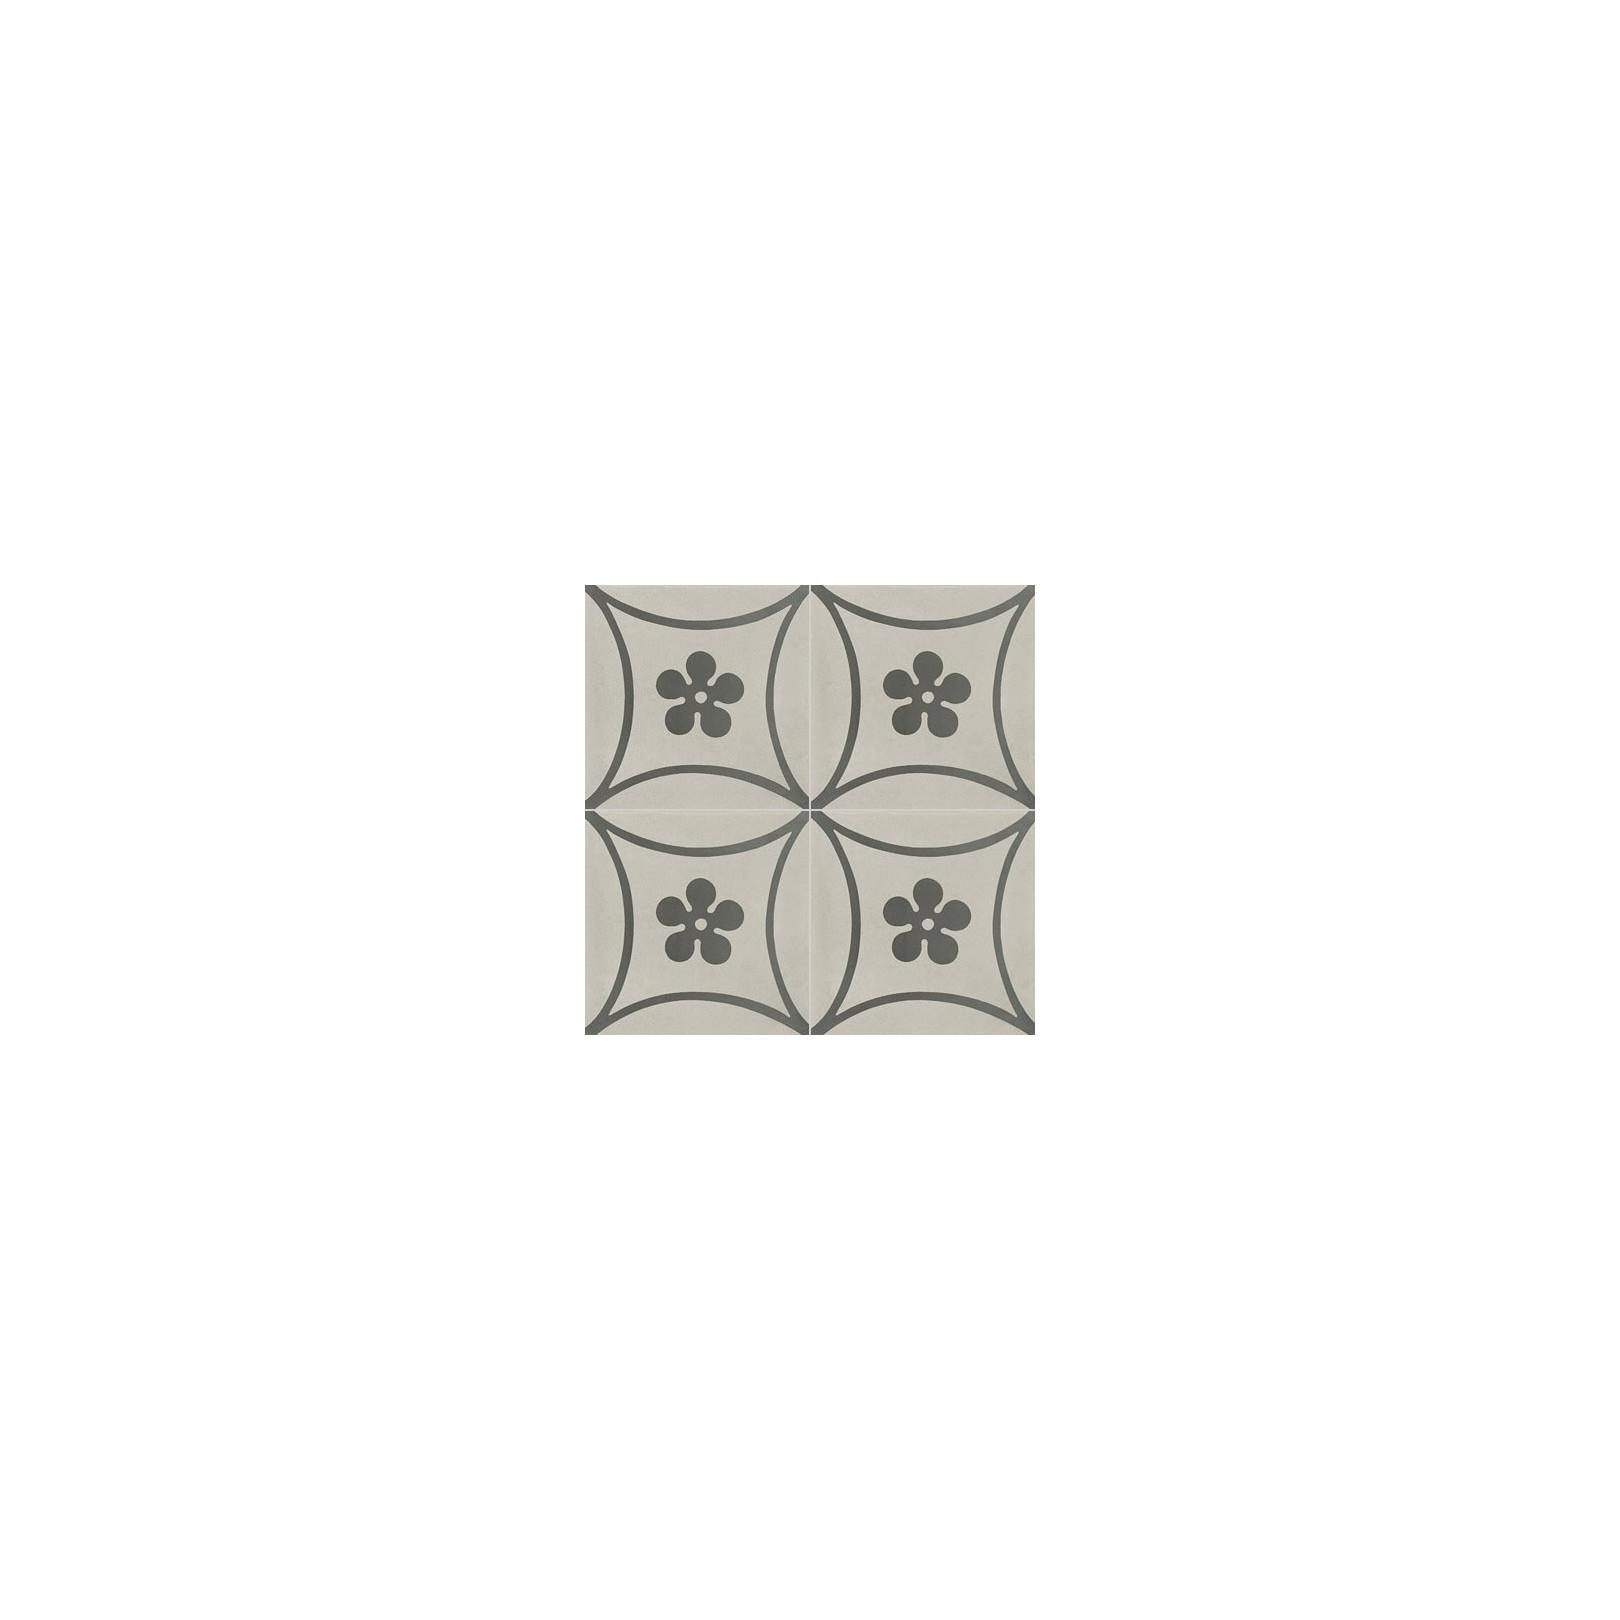 carreau de ciment color motif gris clair et gris fonc co 13 casalux home design. Black Bedroom Furniture Sets. Home Design Ideas